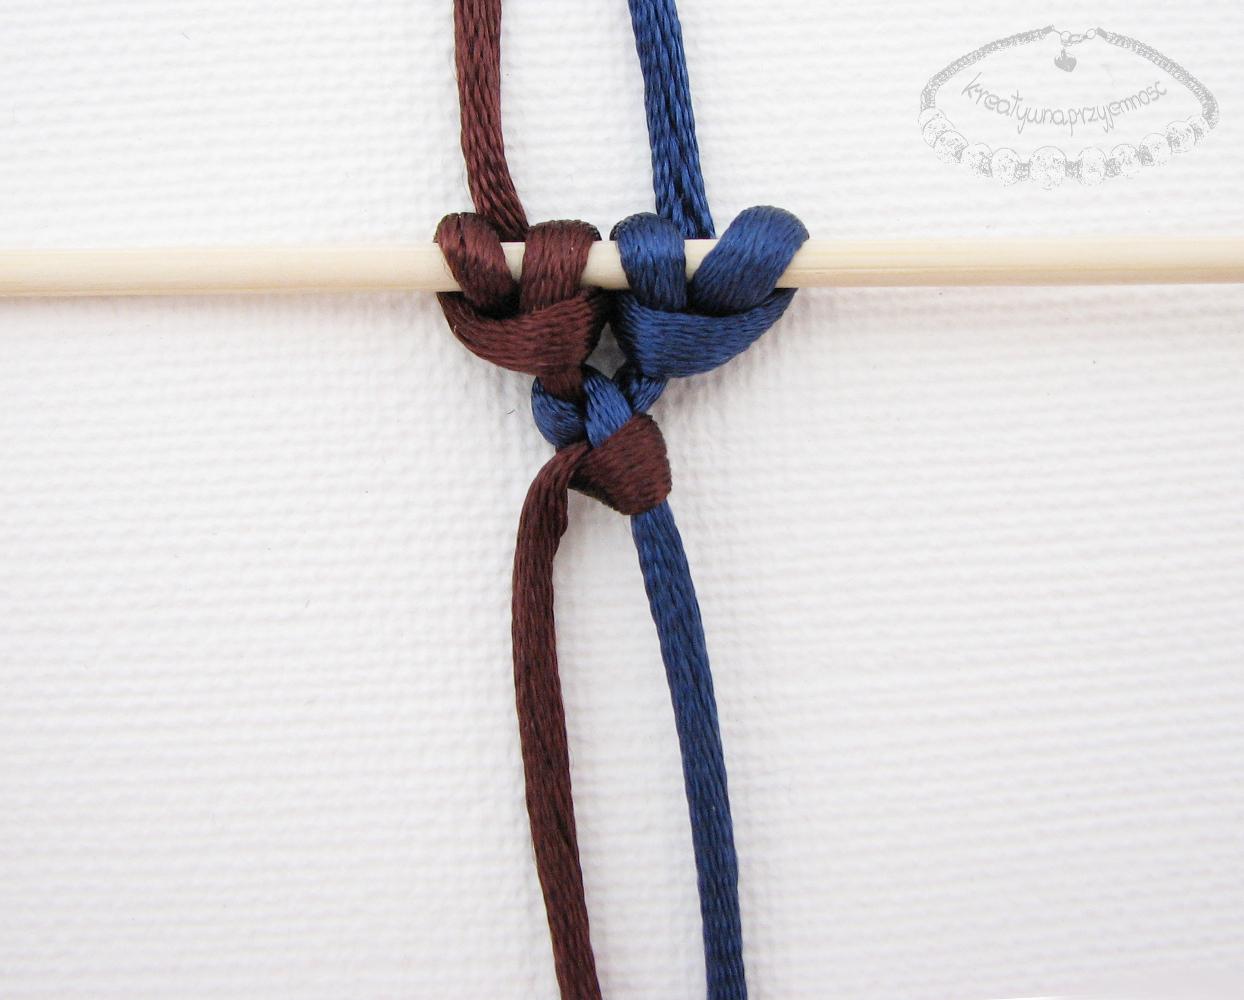 Słupek z węzłów łańcuszkowych - 5